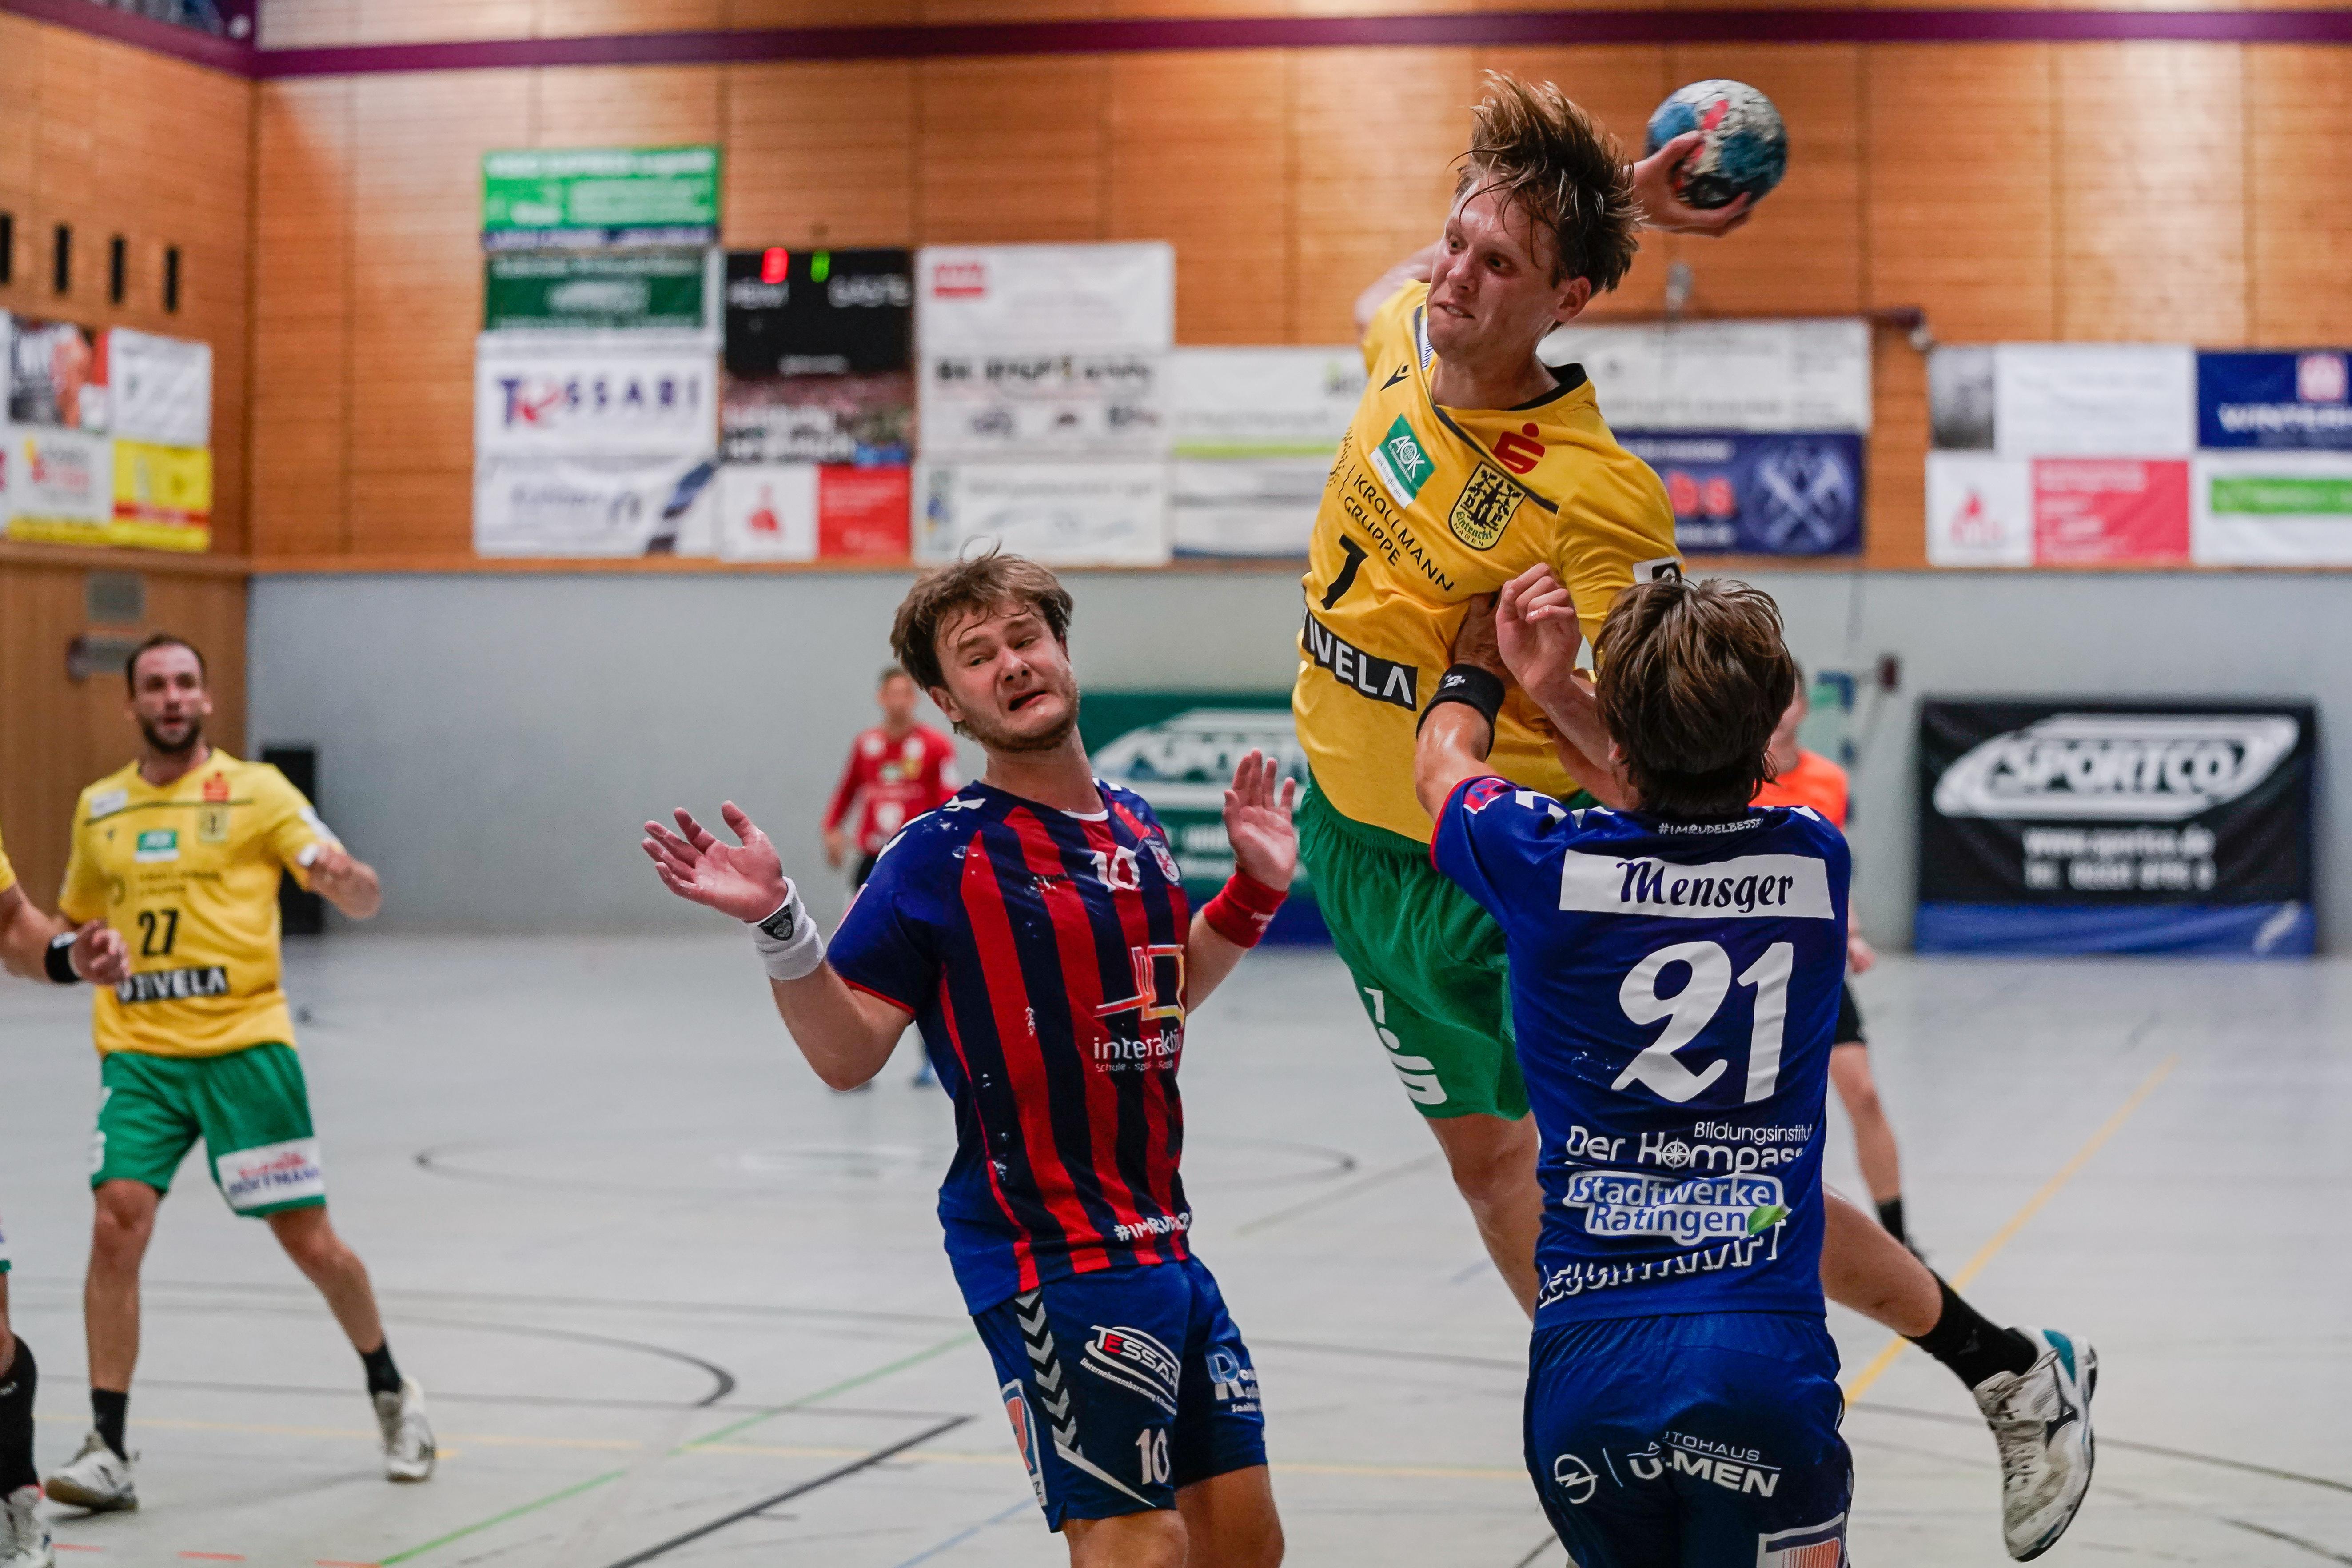 Vijf stellingen voor Jaap Beemsterboer, de handballer die bij Vfl Eintracht Hagen wel Duits móést leren omdat iedereen het vertikte Engels met hem te praten: 'Natuurlijk leer je het zo het snelst, maar ik vond het héél irritant'